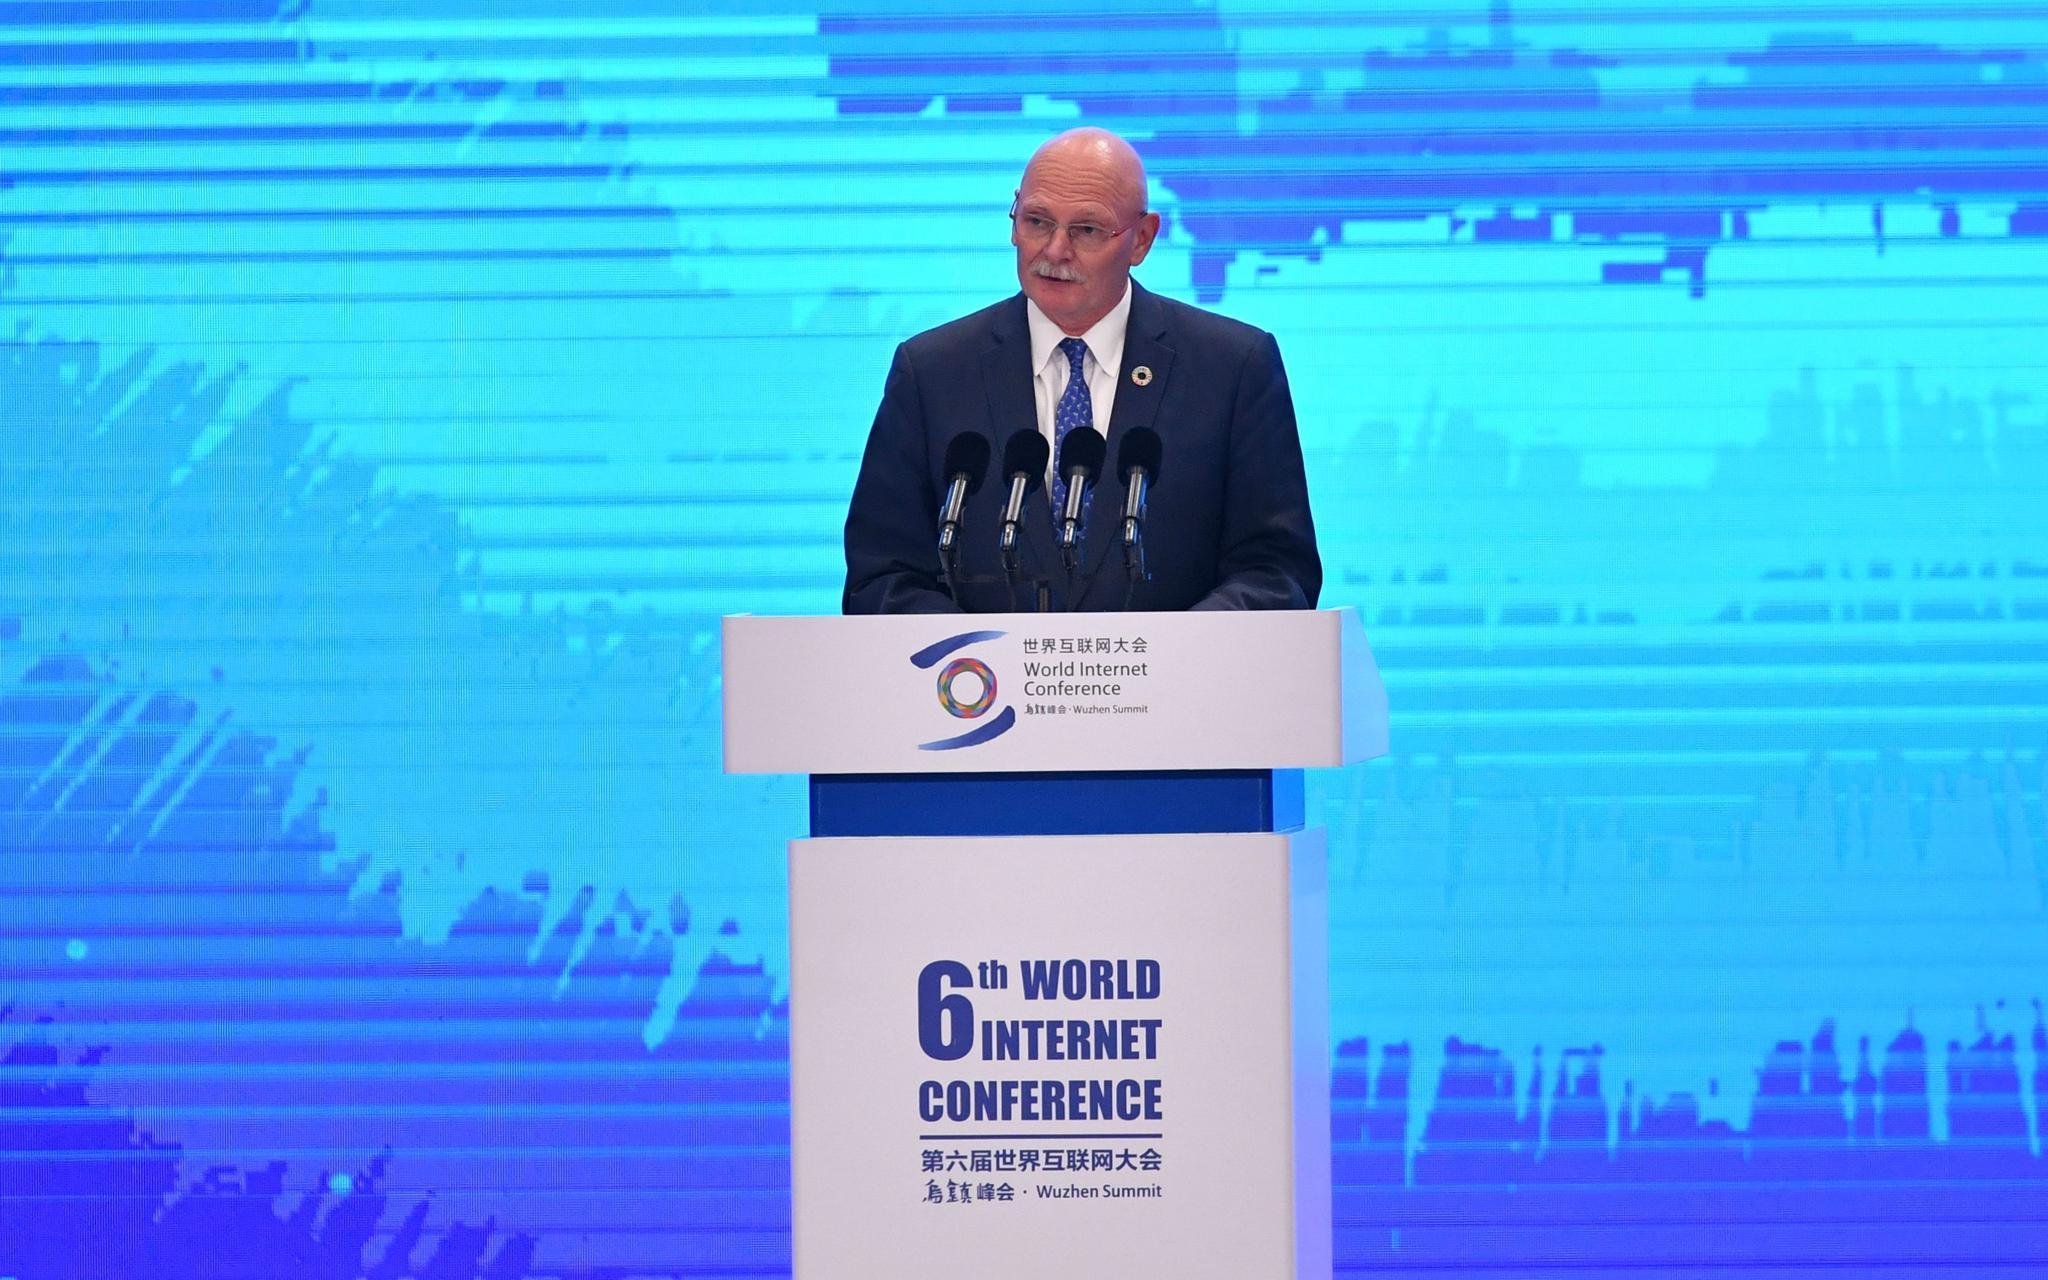 GSMA首席执行官洪曜庄:中国引领5G和智联万物发展